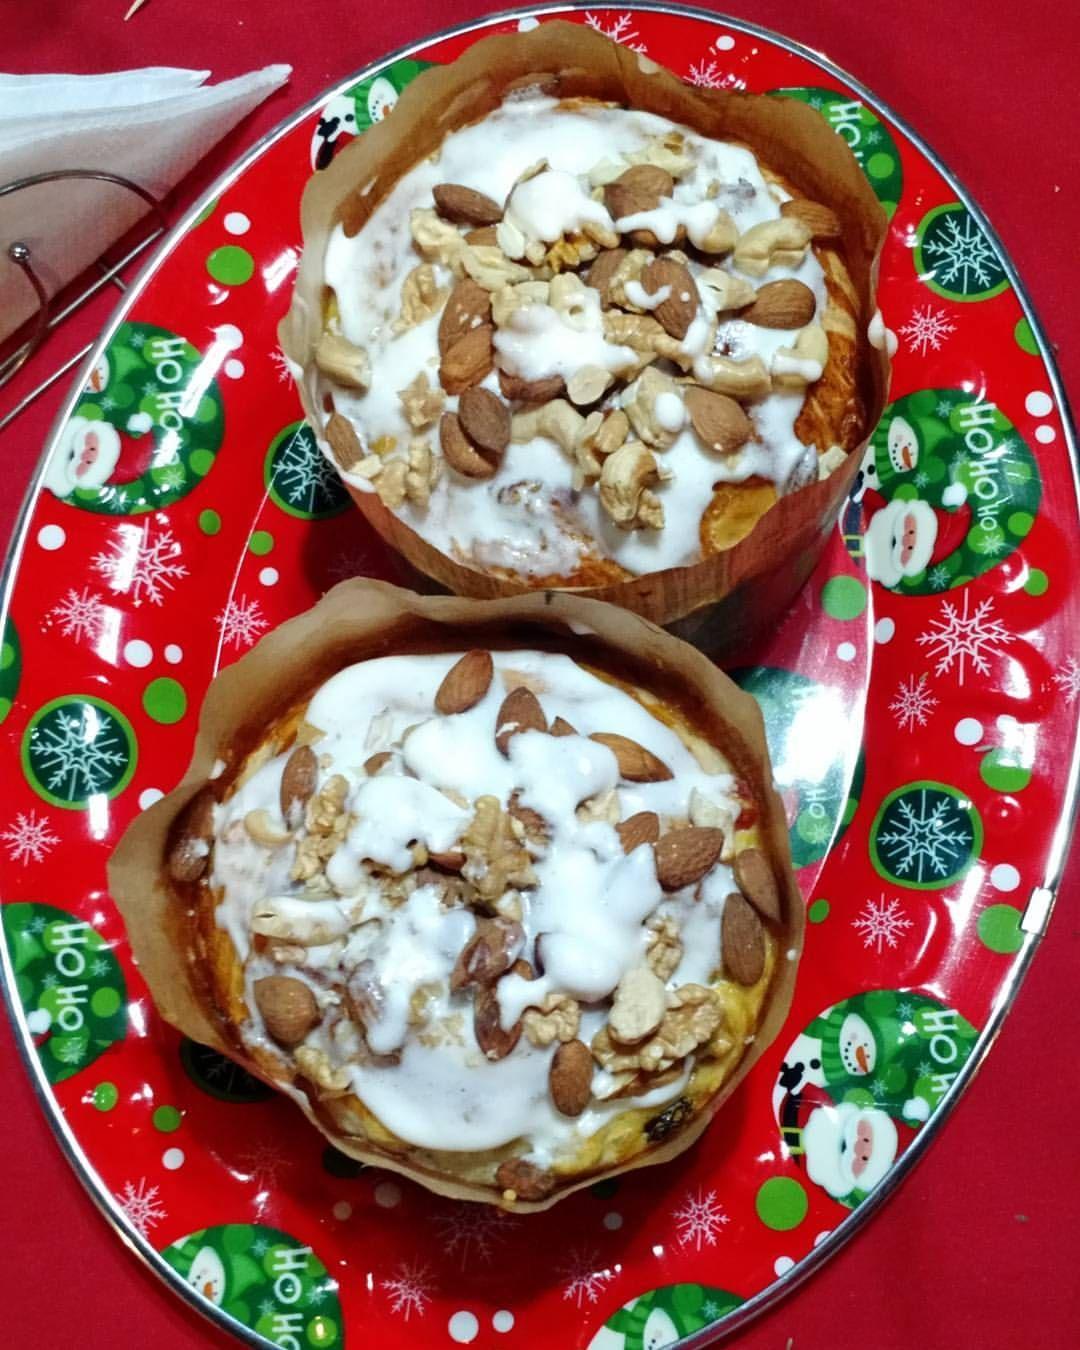 Mi sobrina Florencia hizo el pan dulce casero más rico que comí en años #panettone #pandulce #homemade #casero #patisserie #instafood #foodpics #foodporn #foodstagram #classic #clasico #yummy #delicia #atorado #nopuedoparardecomer #gordor #gula...